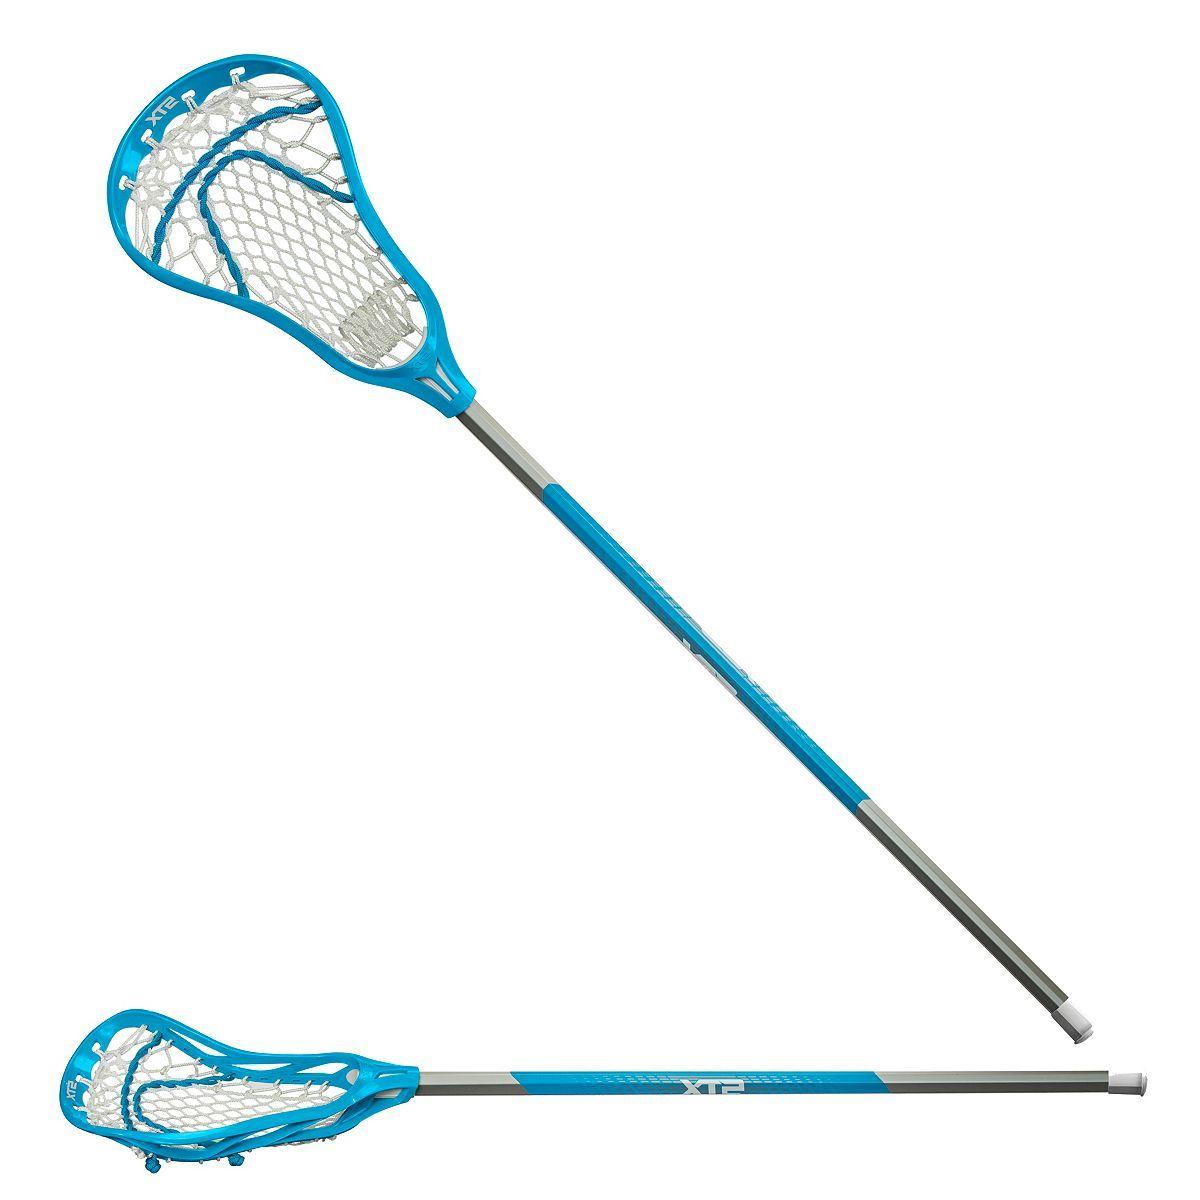 STX Women's Exult 200 on AL 6000 Complete Lacrosse Stick